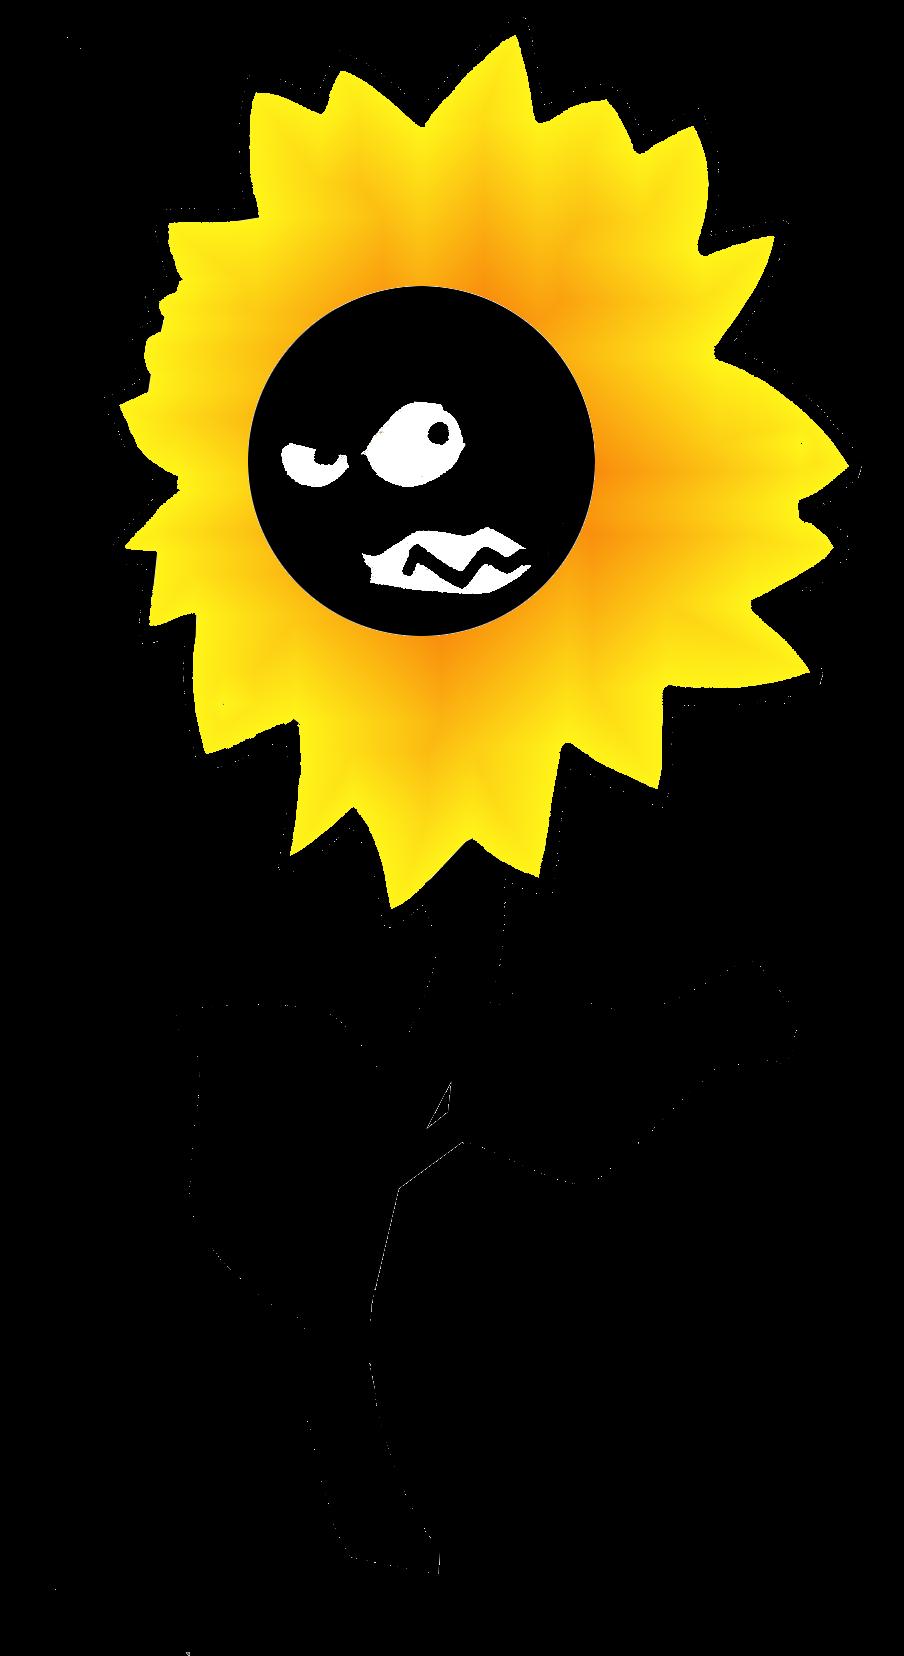 Sonnenblume_farbig_verbessert.png